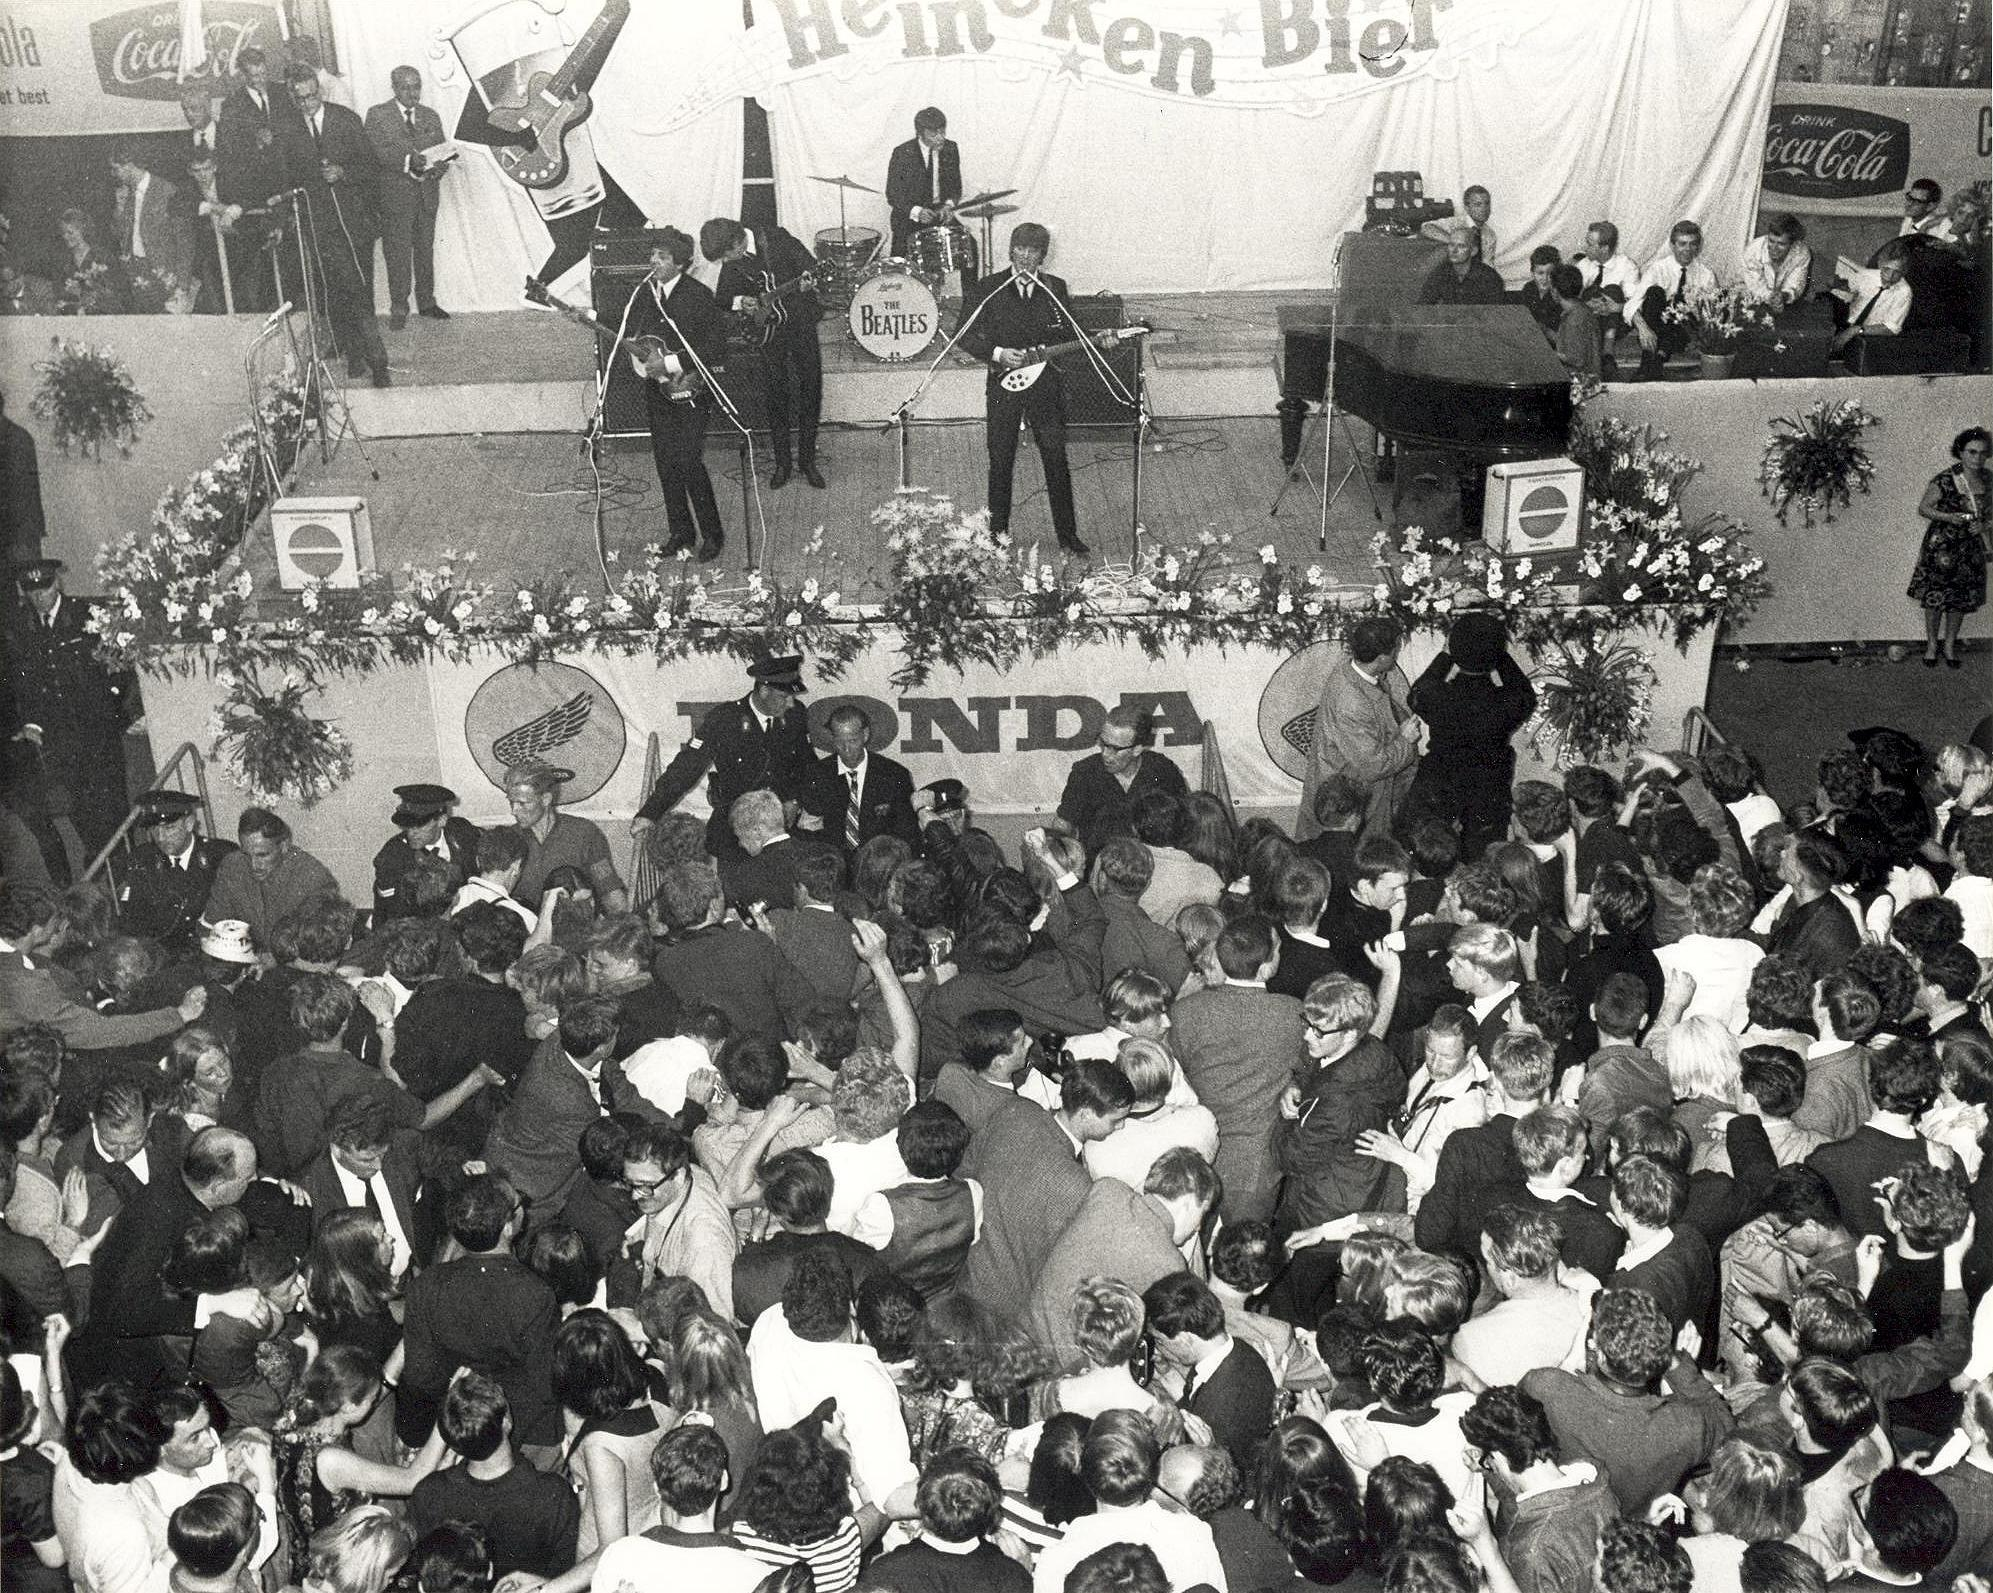 Het optreden op 6 juni 1964.